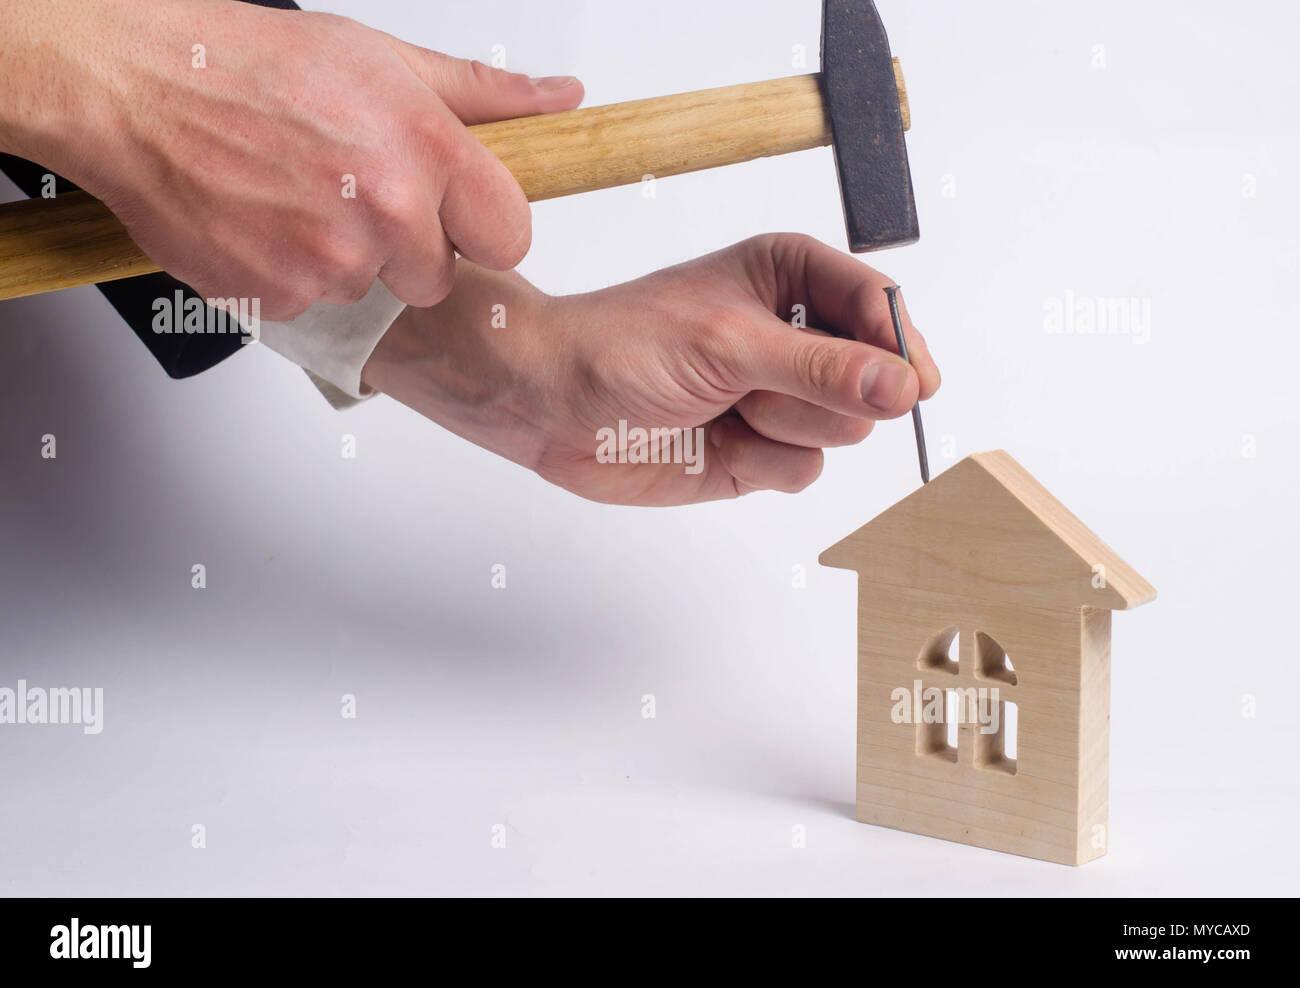 Marteaux homme un clou avec un marteau dans une maison en bois miniature sur un fond blanc. Concept de la réparation des maisons. Le travailleur effectue des travaux de réparation dans th Banque D'Images